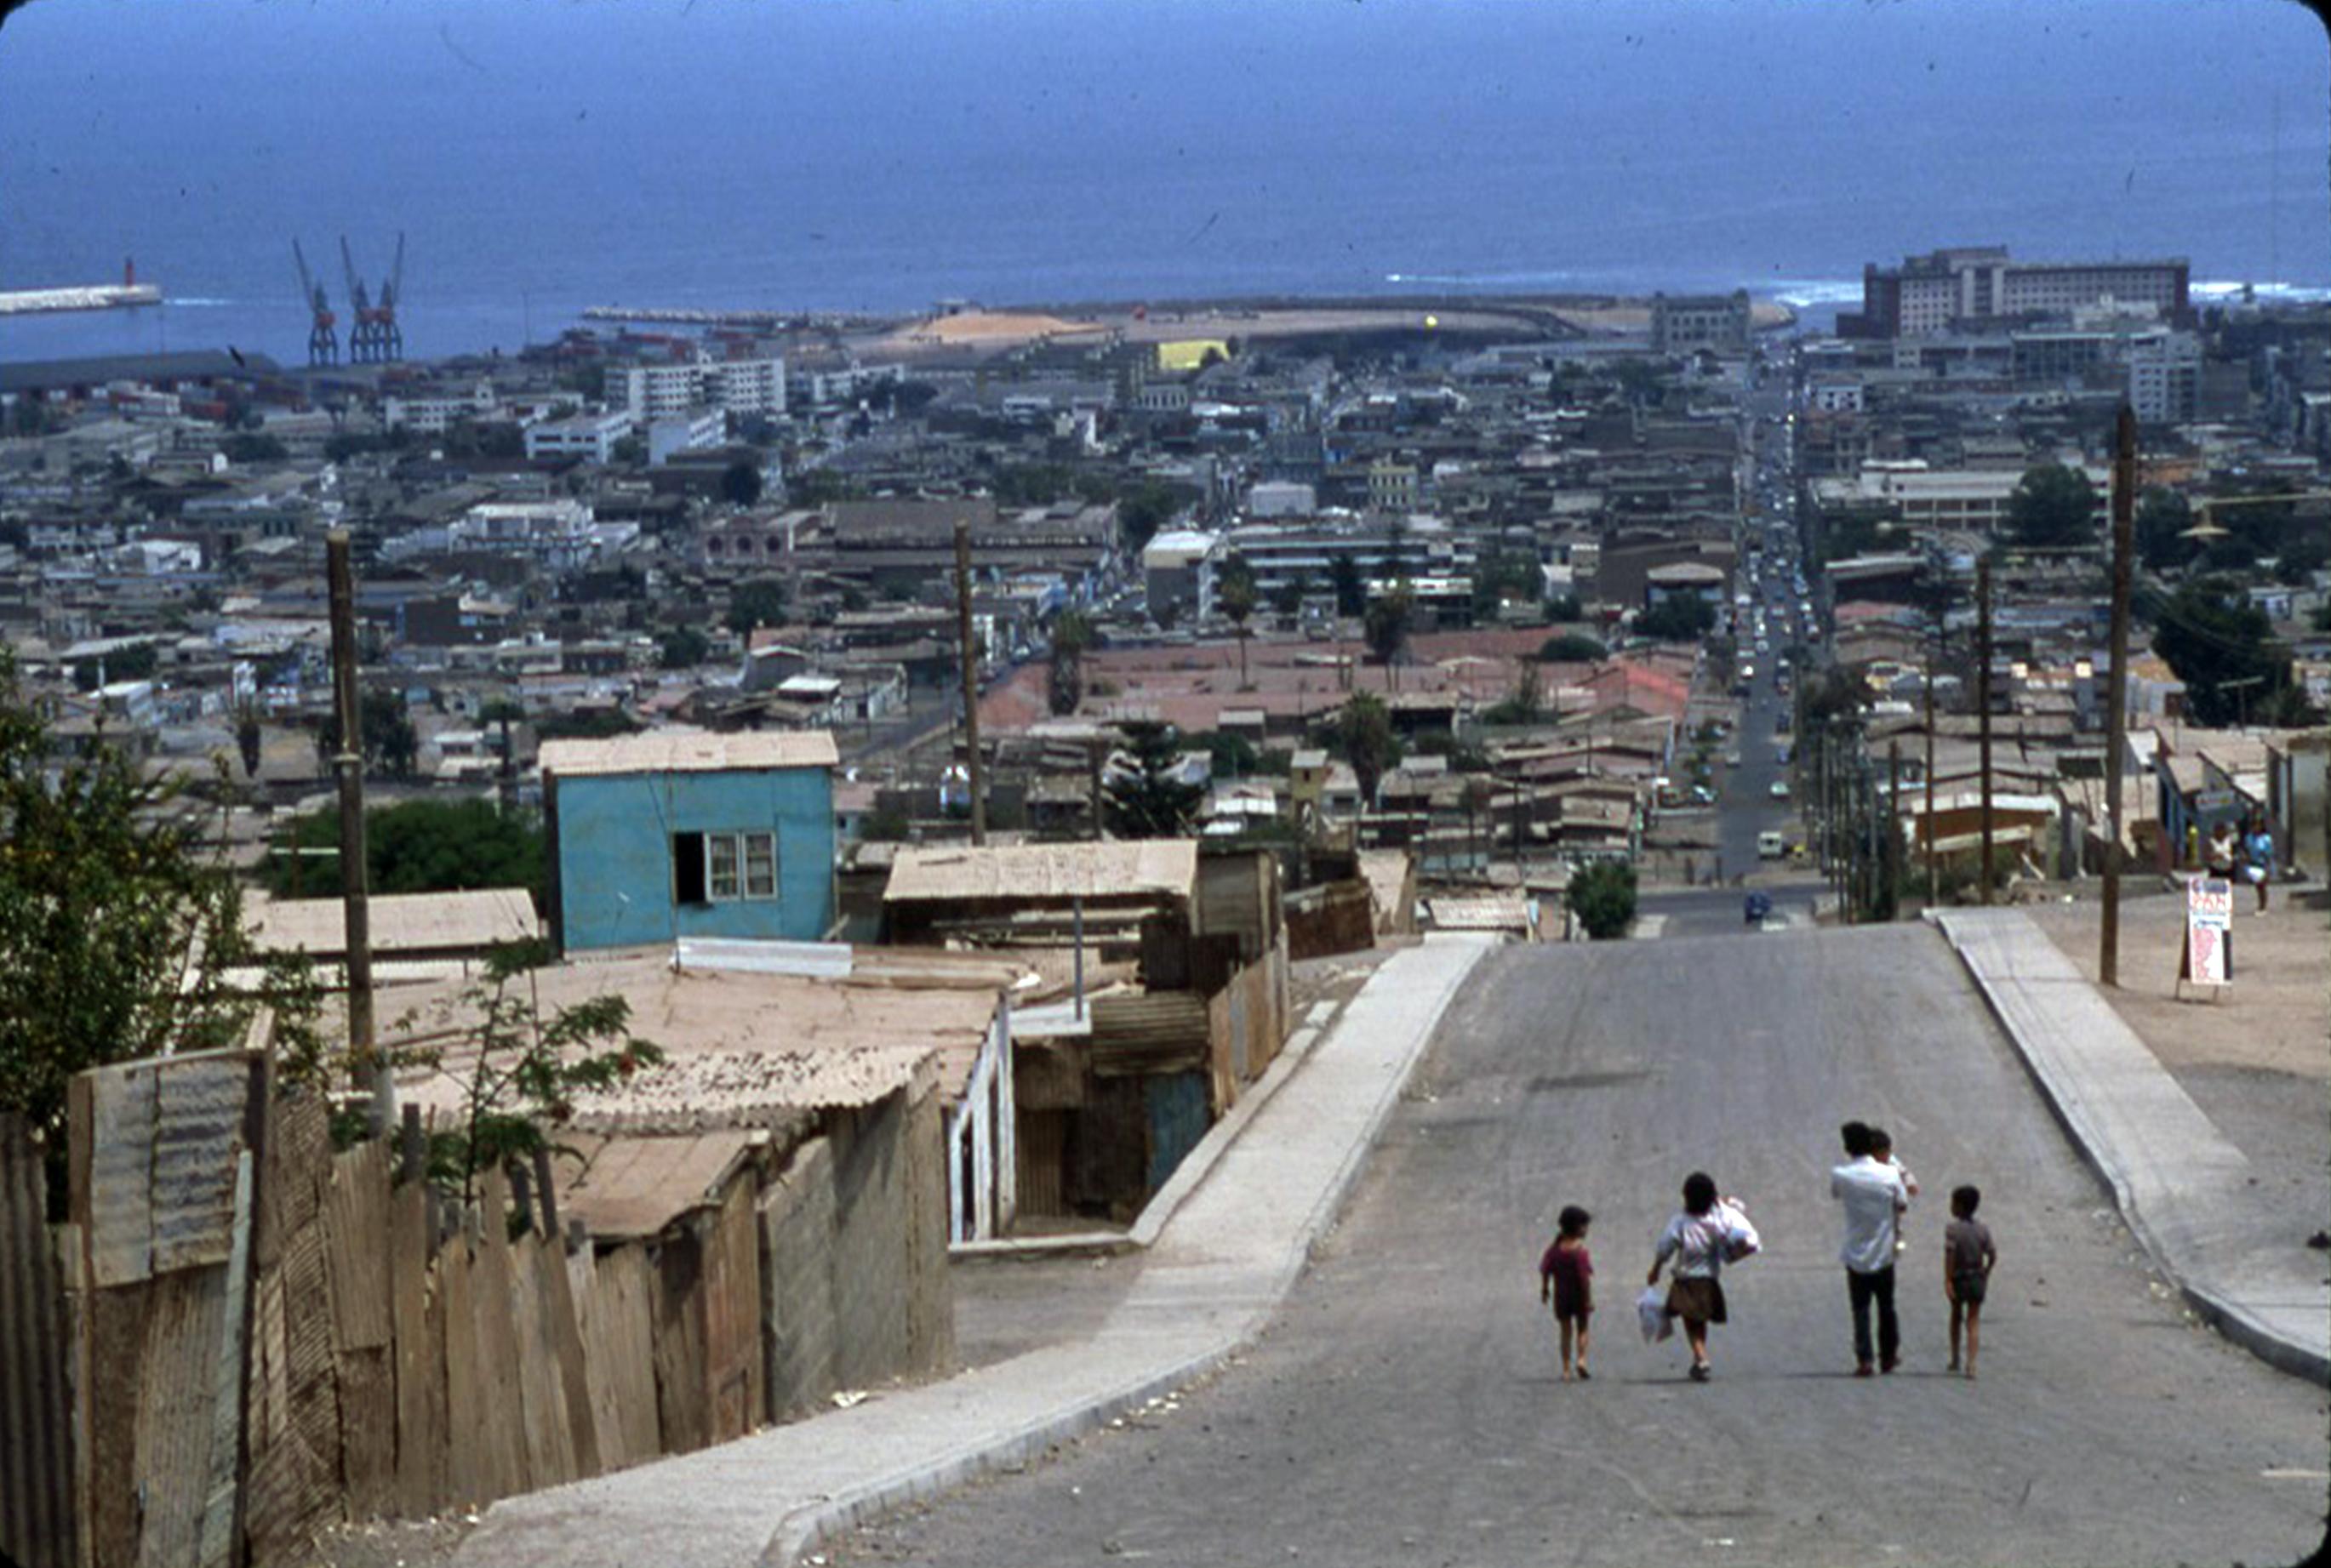 Enterreno - Fotos históricas de chile - fotos antiguas de Chile - Calle Baquedano de Antofagasta, ca. 1990